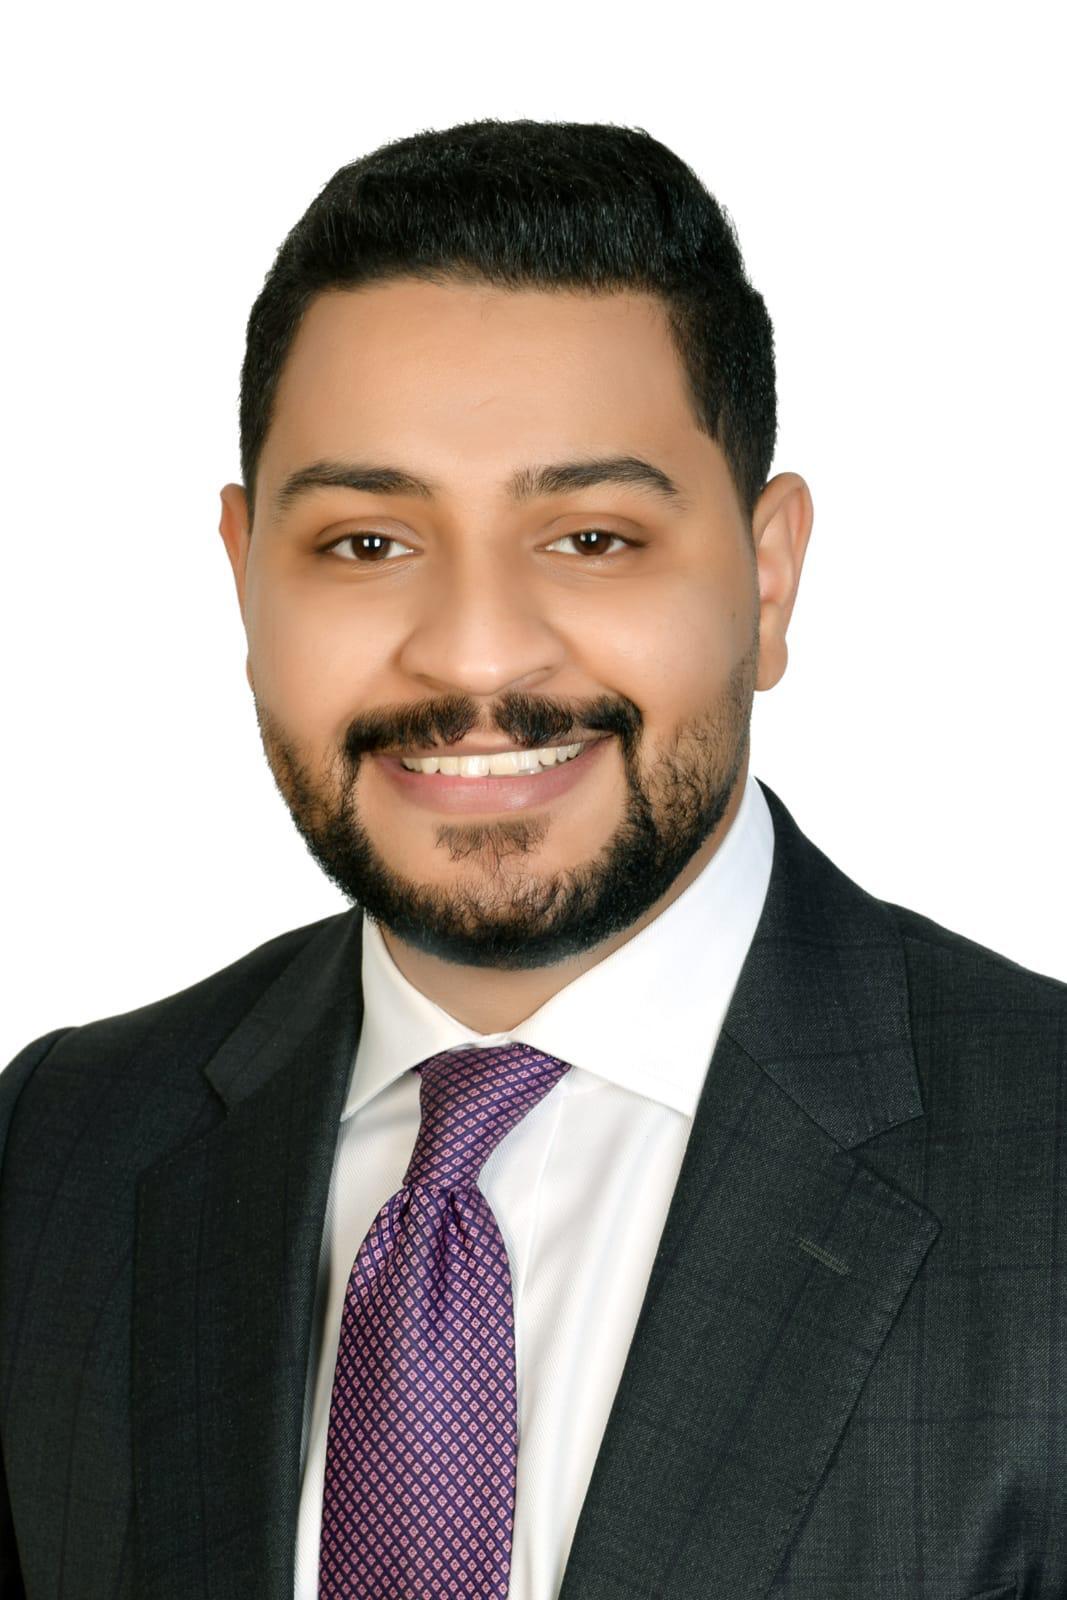 Nader Abdelaziz